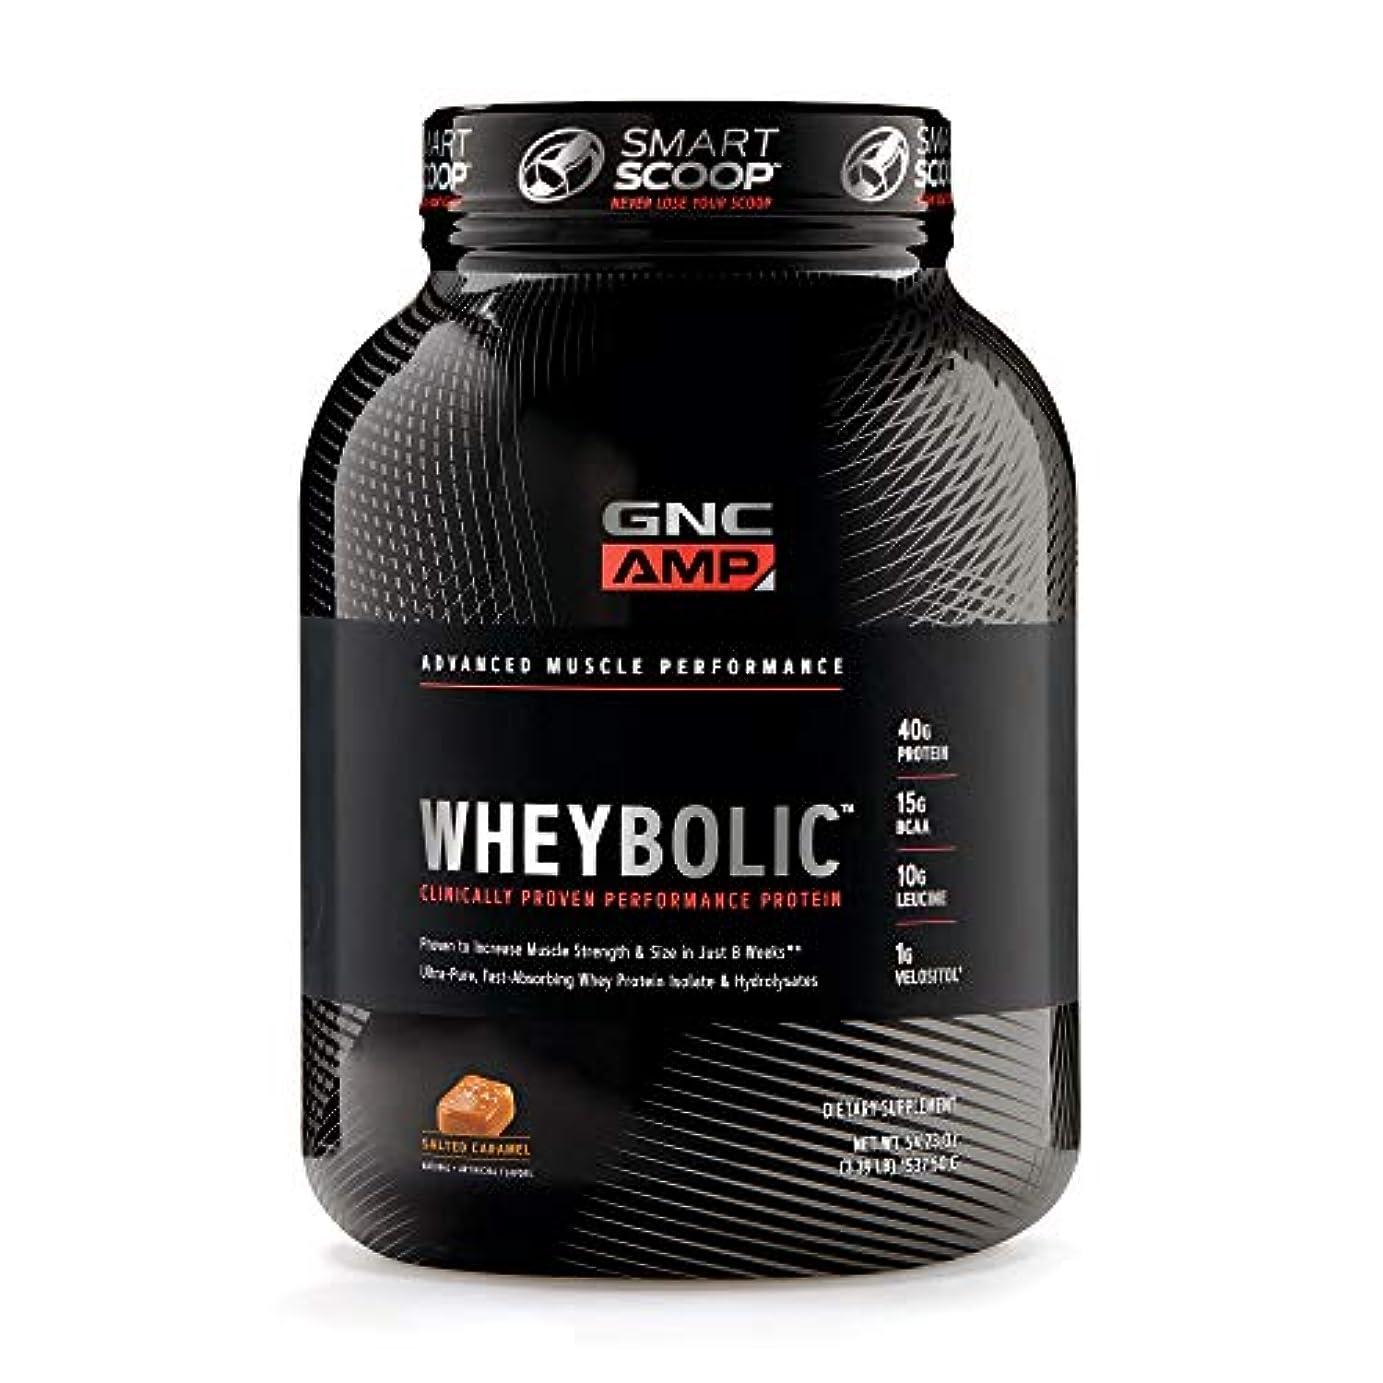 証明する対処する毎回[GNC AMP] 乳清タンパク質パウダー、塩キャラメル、25人前、40タンパク質、15g BCAA、10gのロイシン1食分を含む 1537.5g [WHEYBOLIC™]